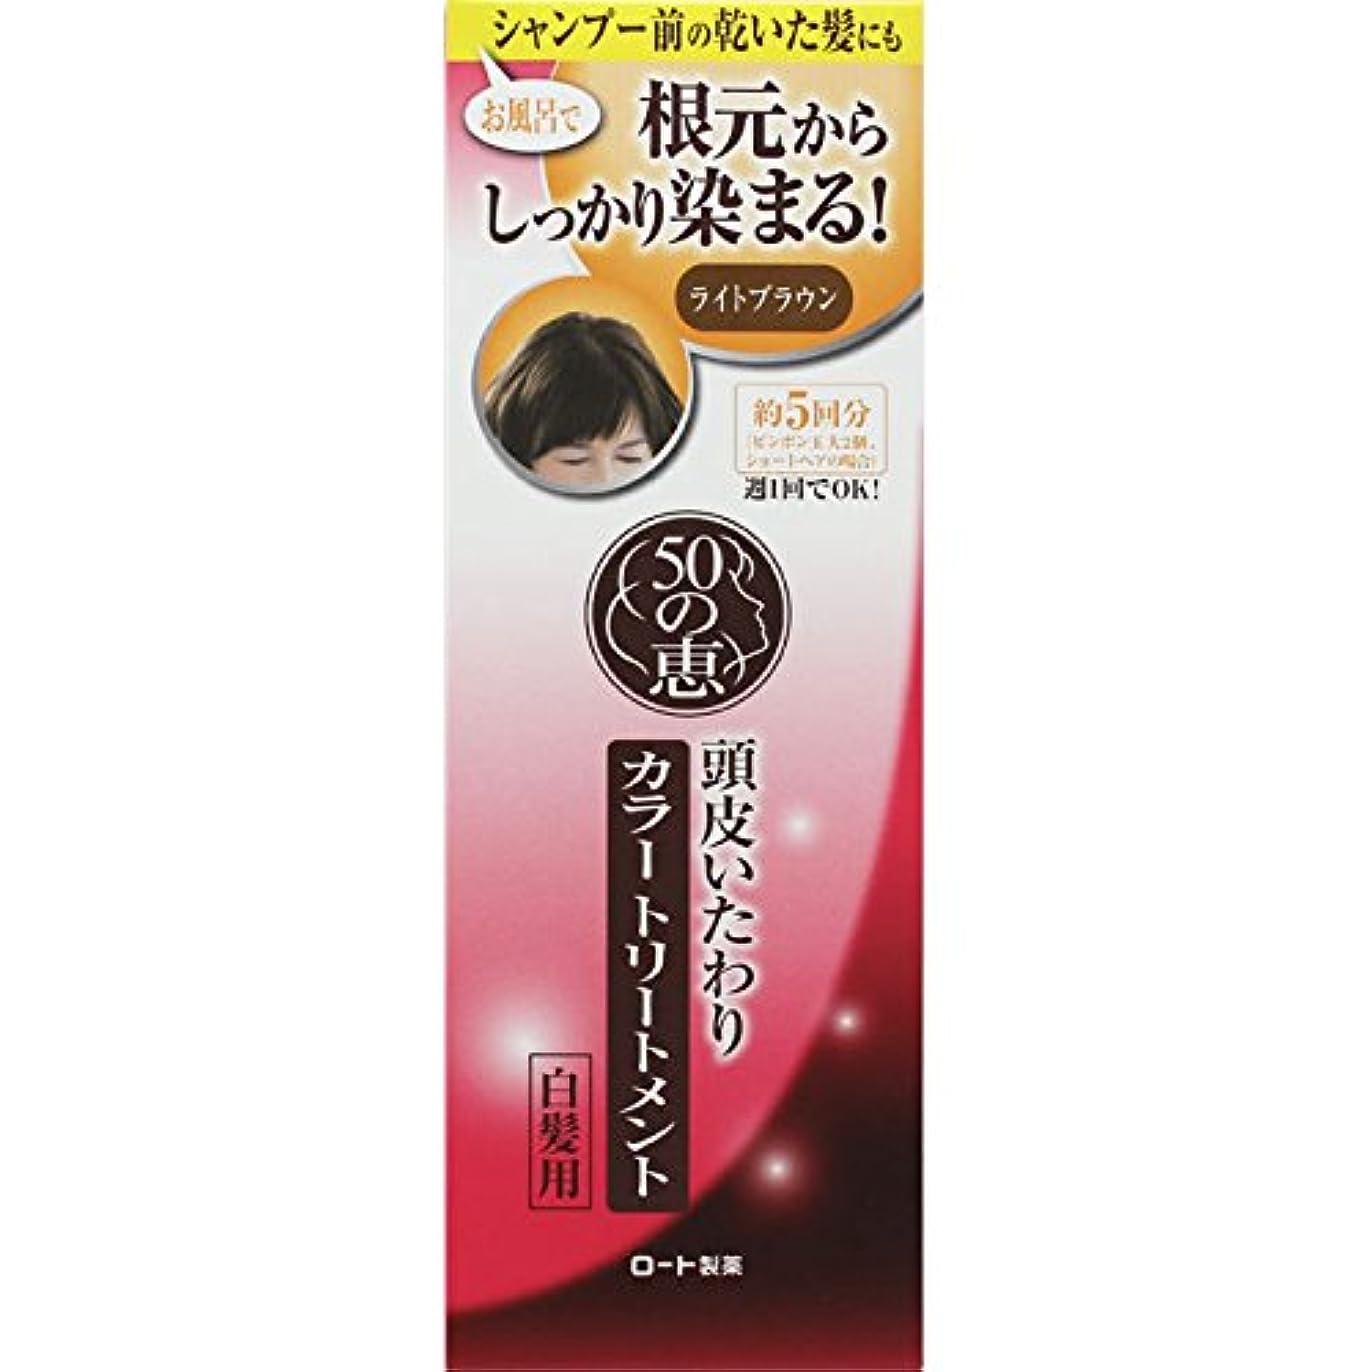 アークサンプルマトリックスロート製薬 50の恵エイジングケア 頭皮いたわりカラートリートメント ライトブラウン 150g